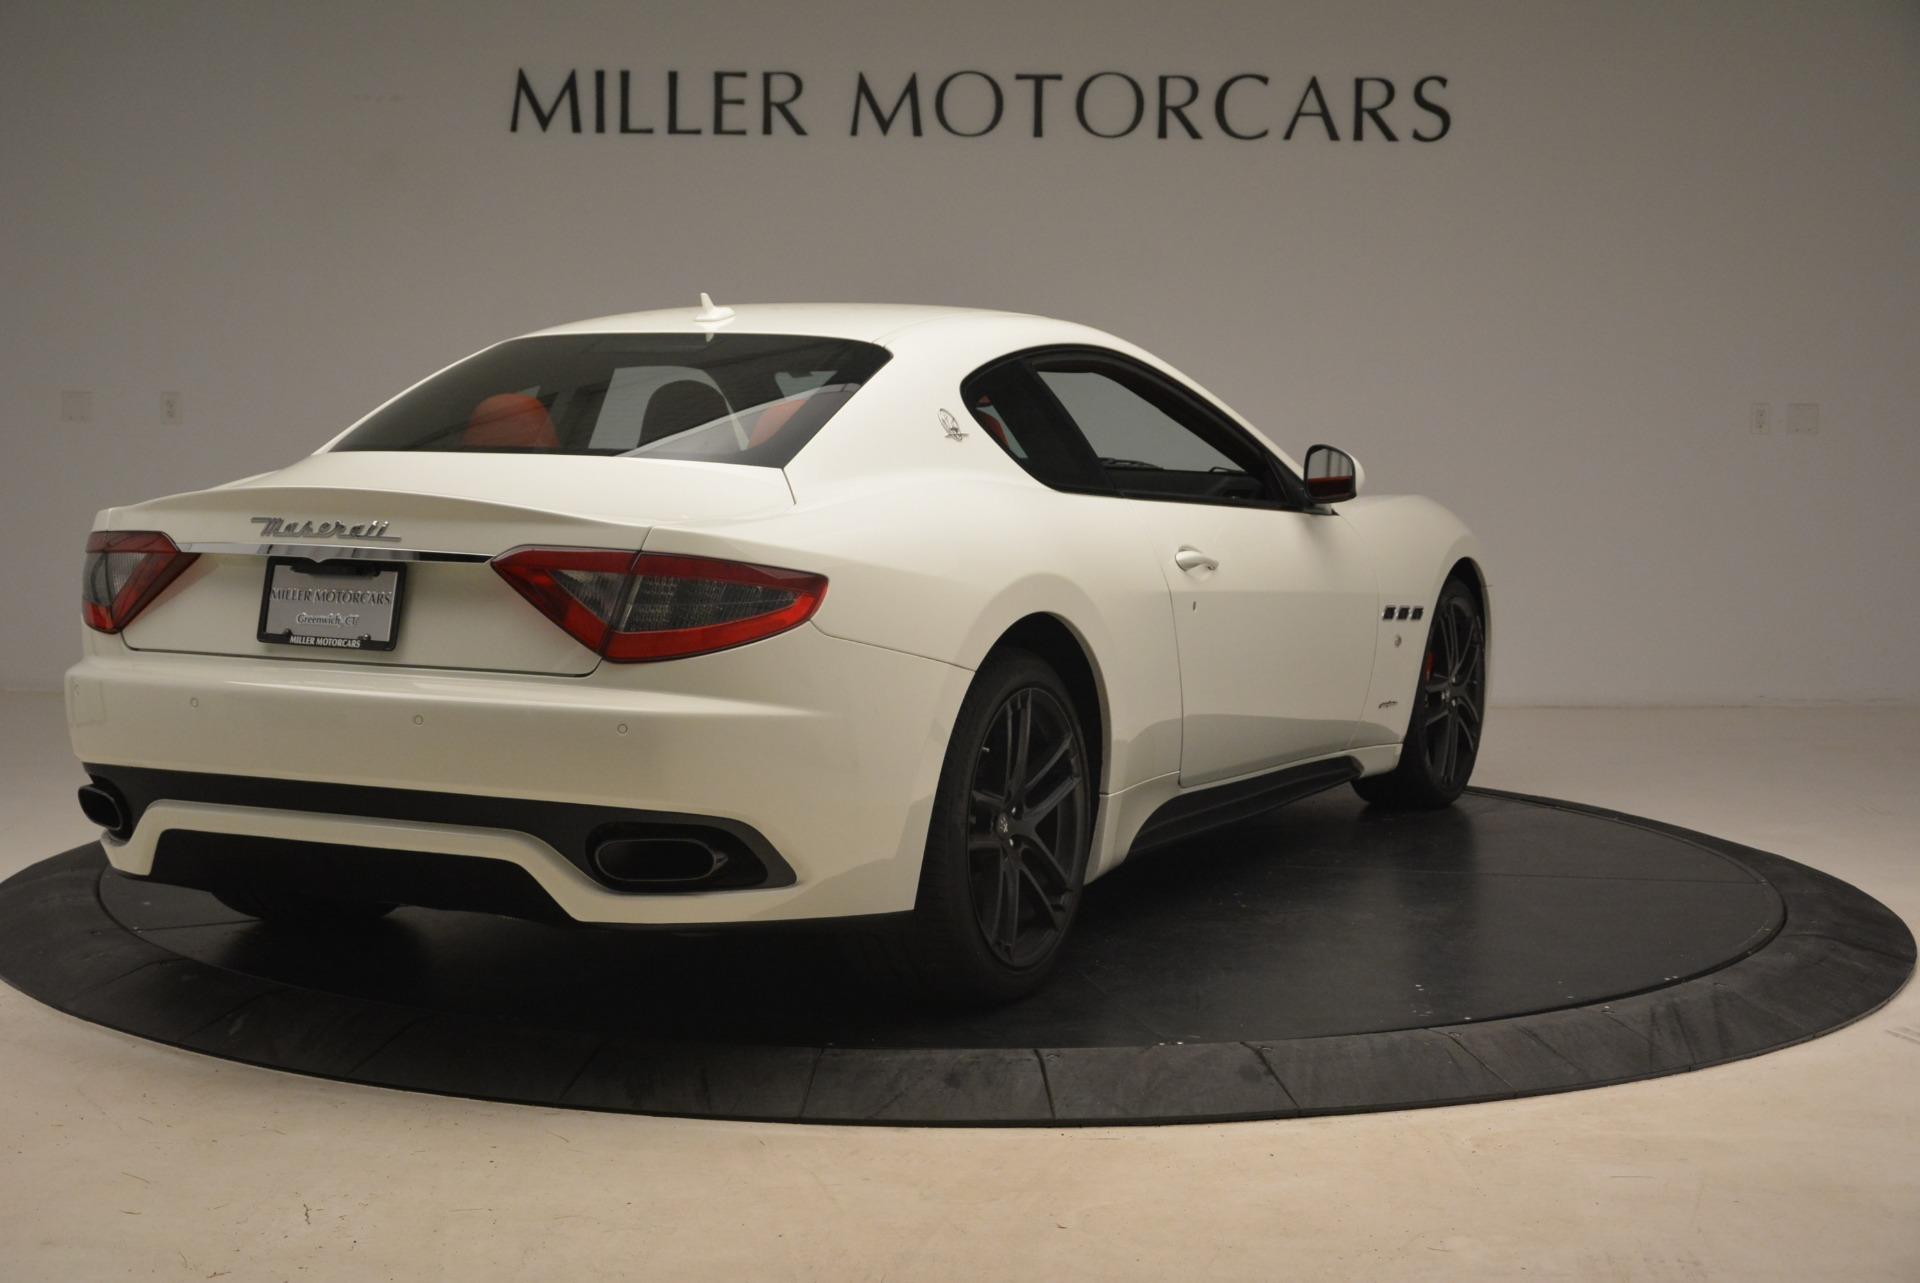 Used 2015 Maserati GranTurismo Sport For Sale In Greenwich, CT 2233_p7